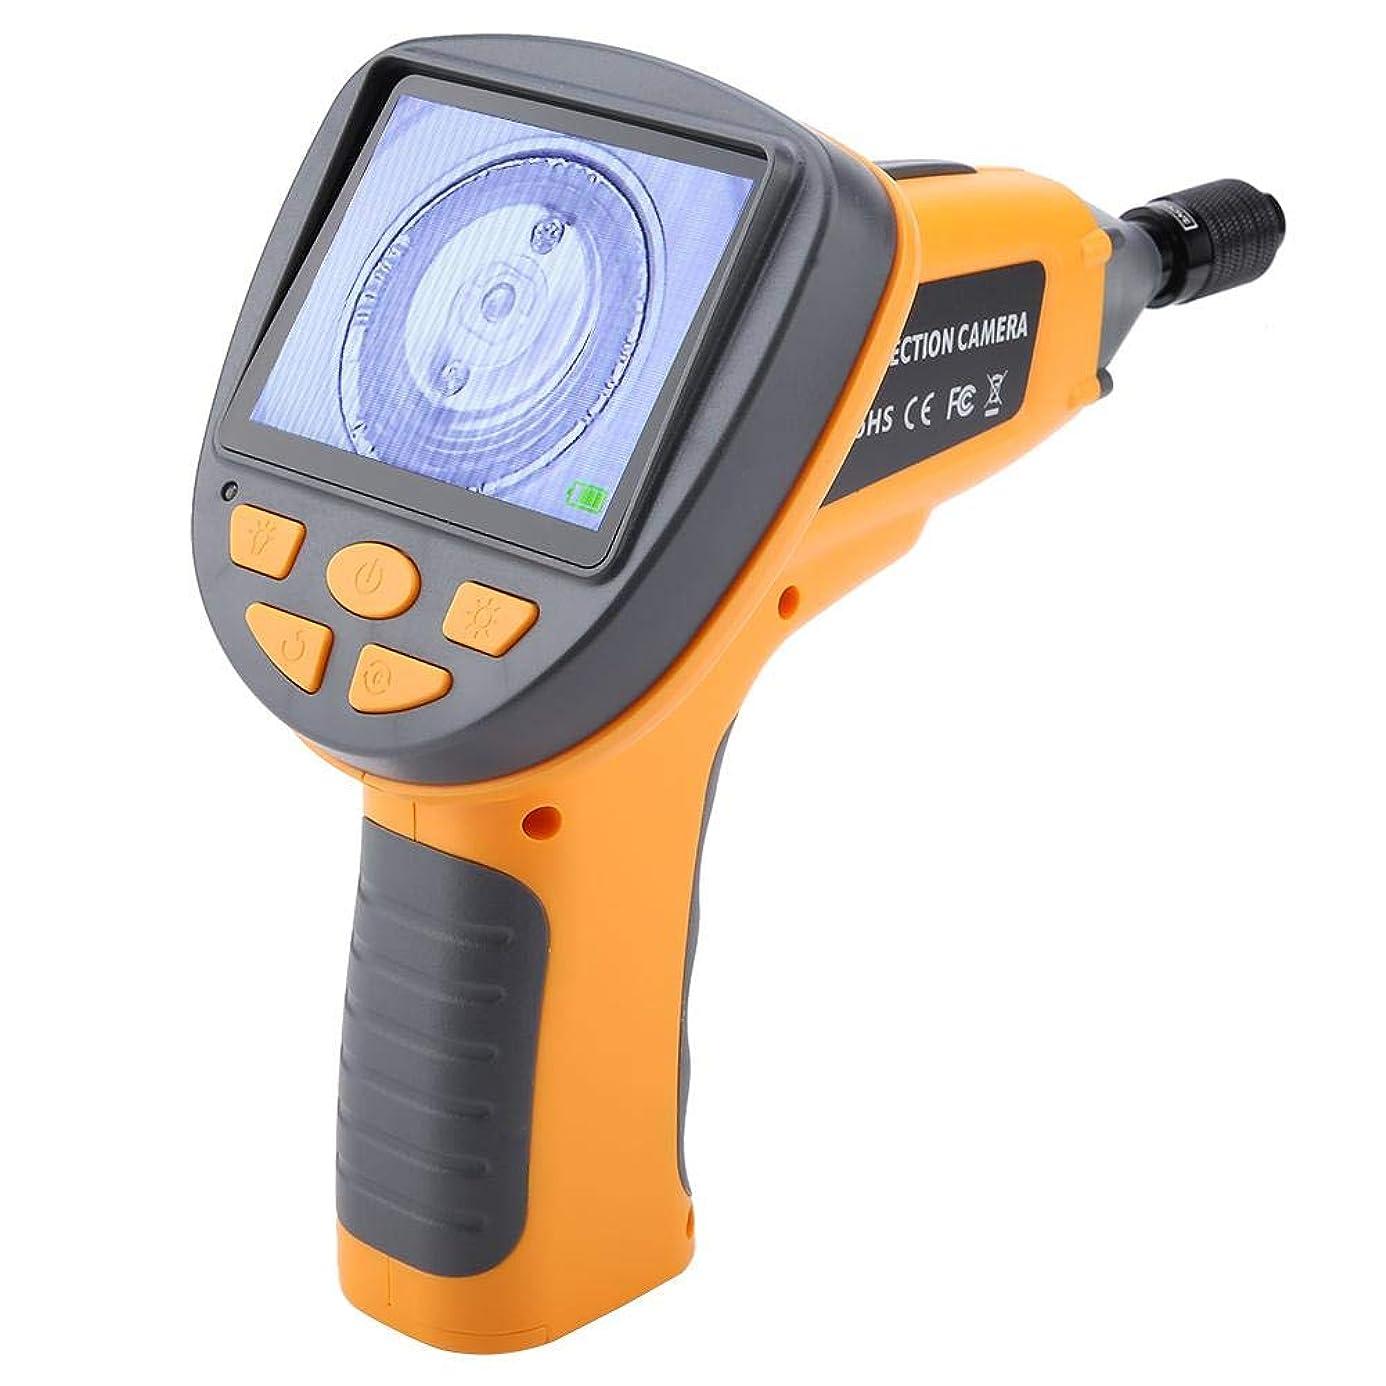 補体ロッジ偽善多機能内視鏡 ハンドヘルド防水内視鏡 99H 3.5インチTFTディスプレイスクリーン9.8mm 1M 6 LEDs 産業点検カメラ